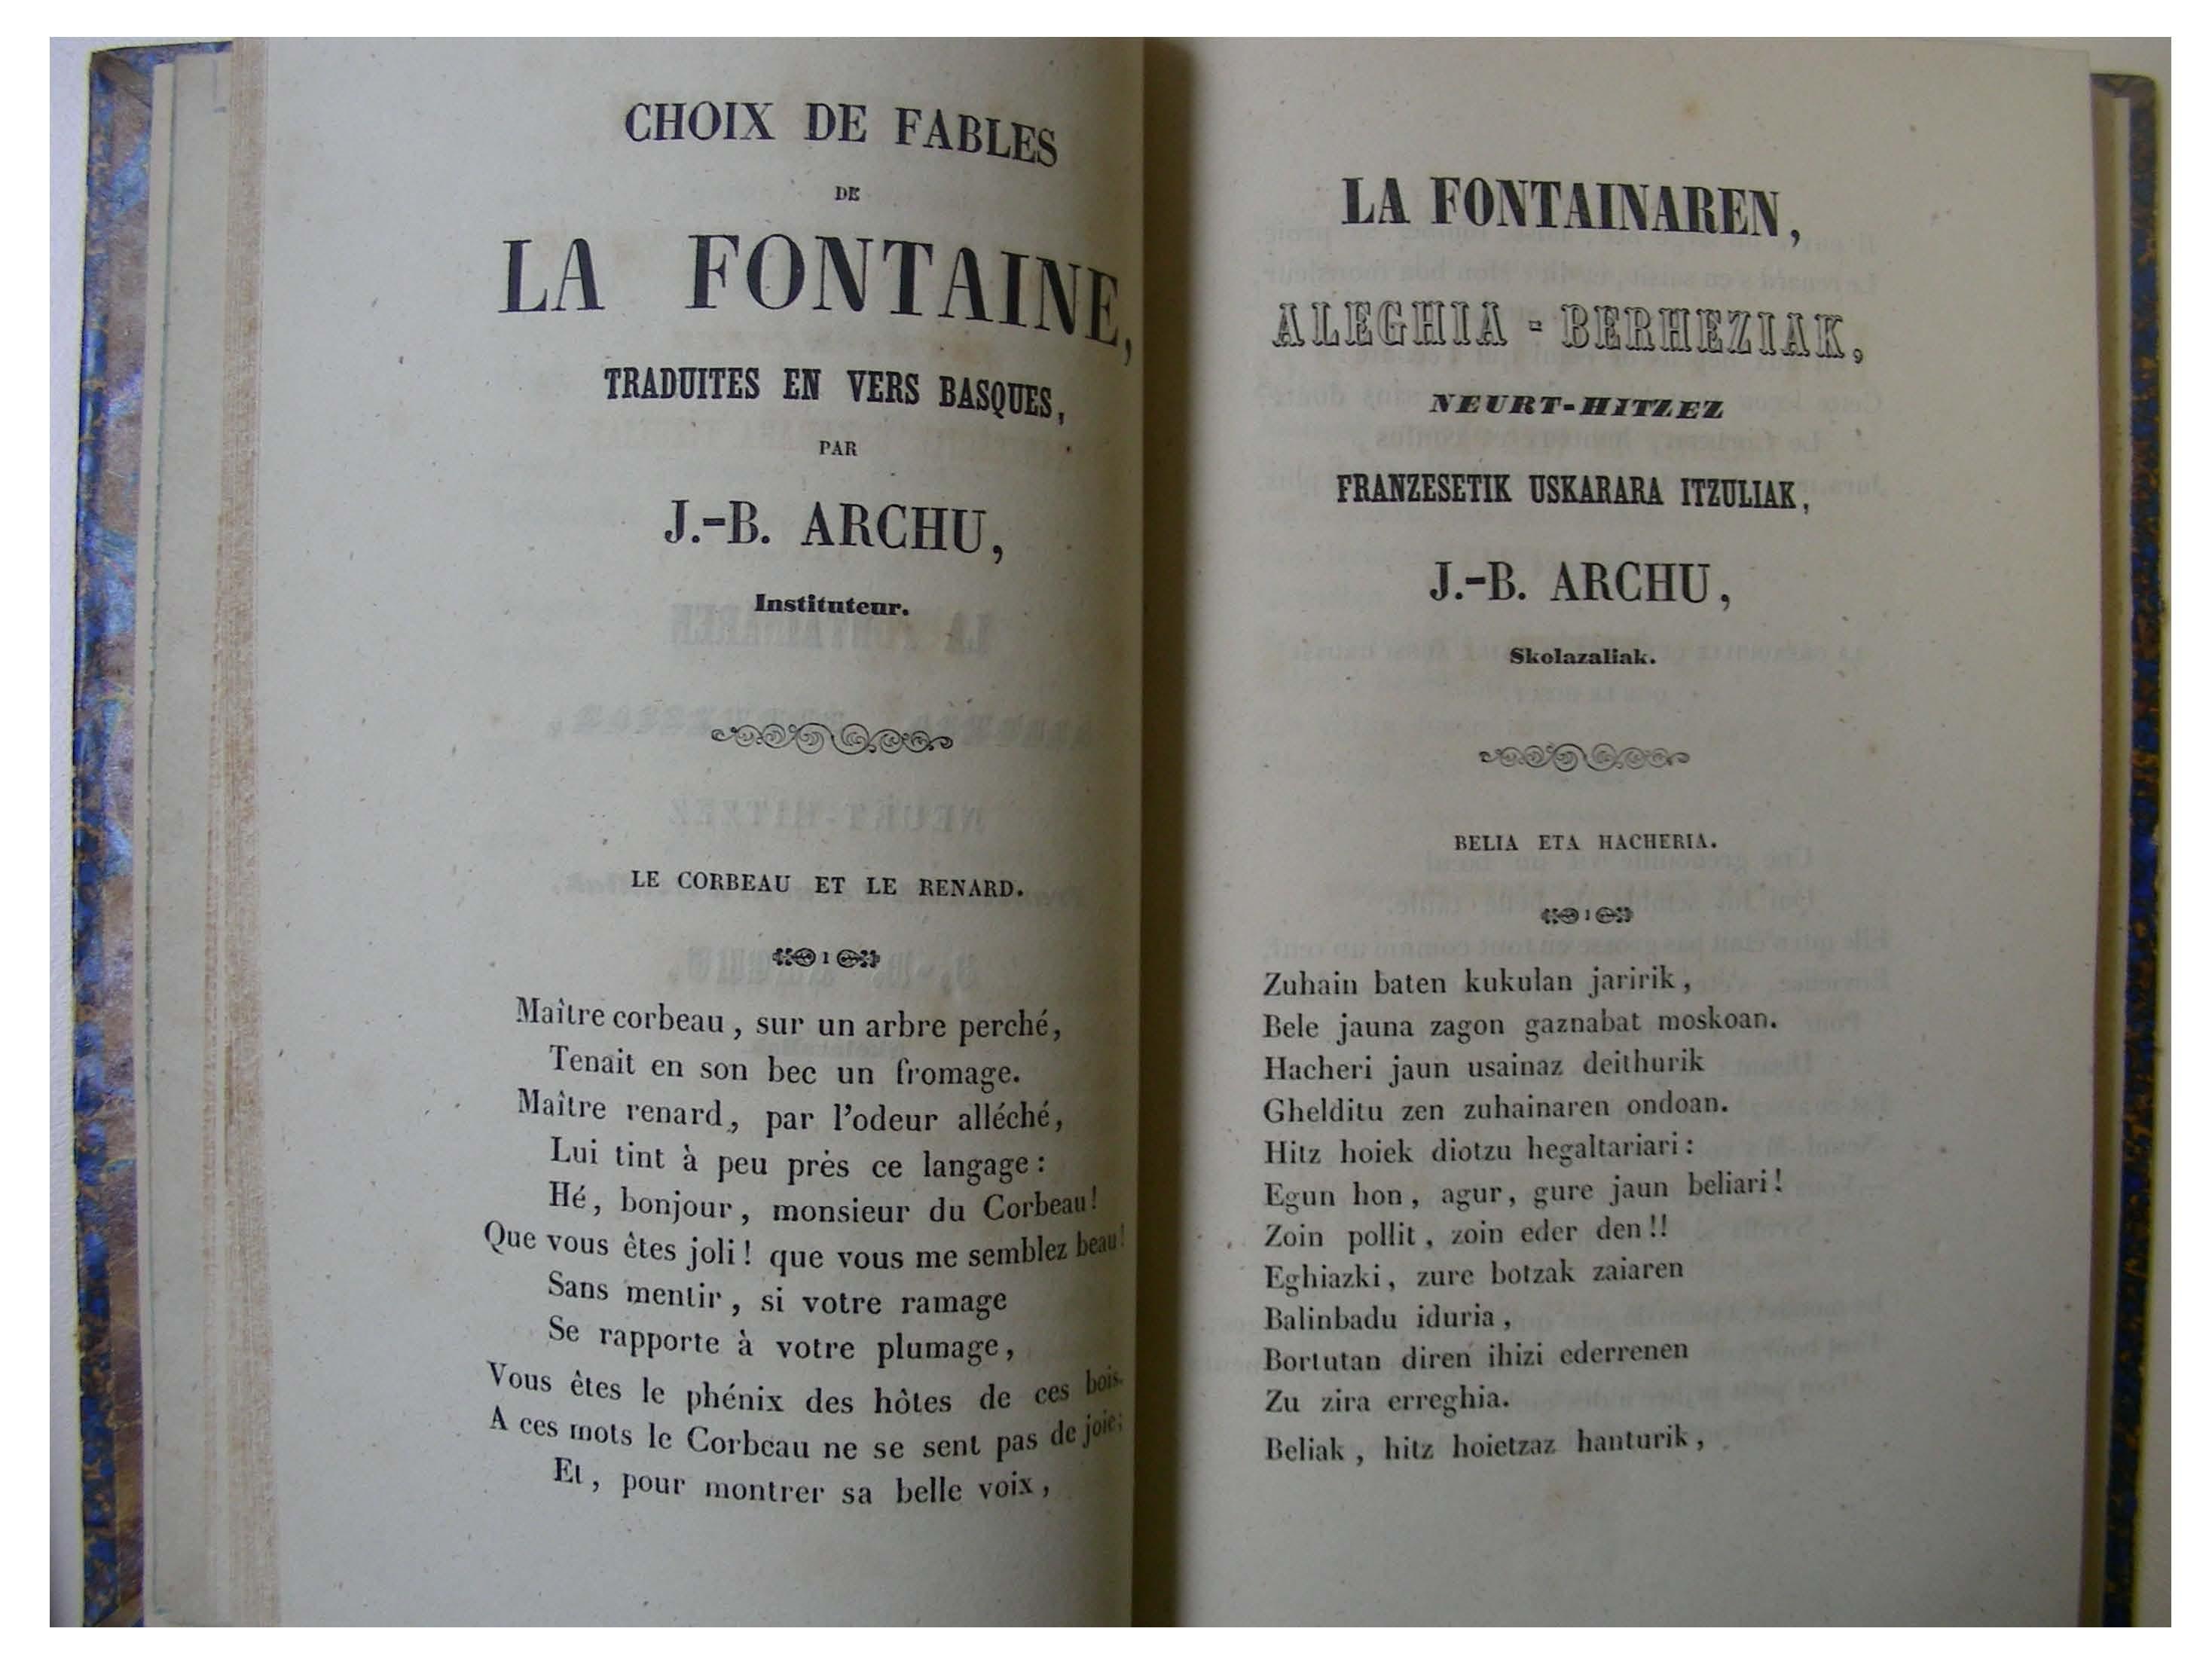 Archu Le corbeau et le renard Belea eta Hacheria